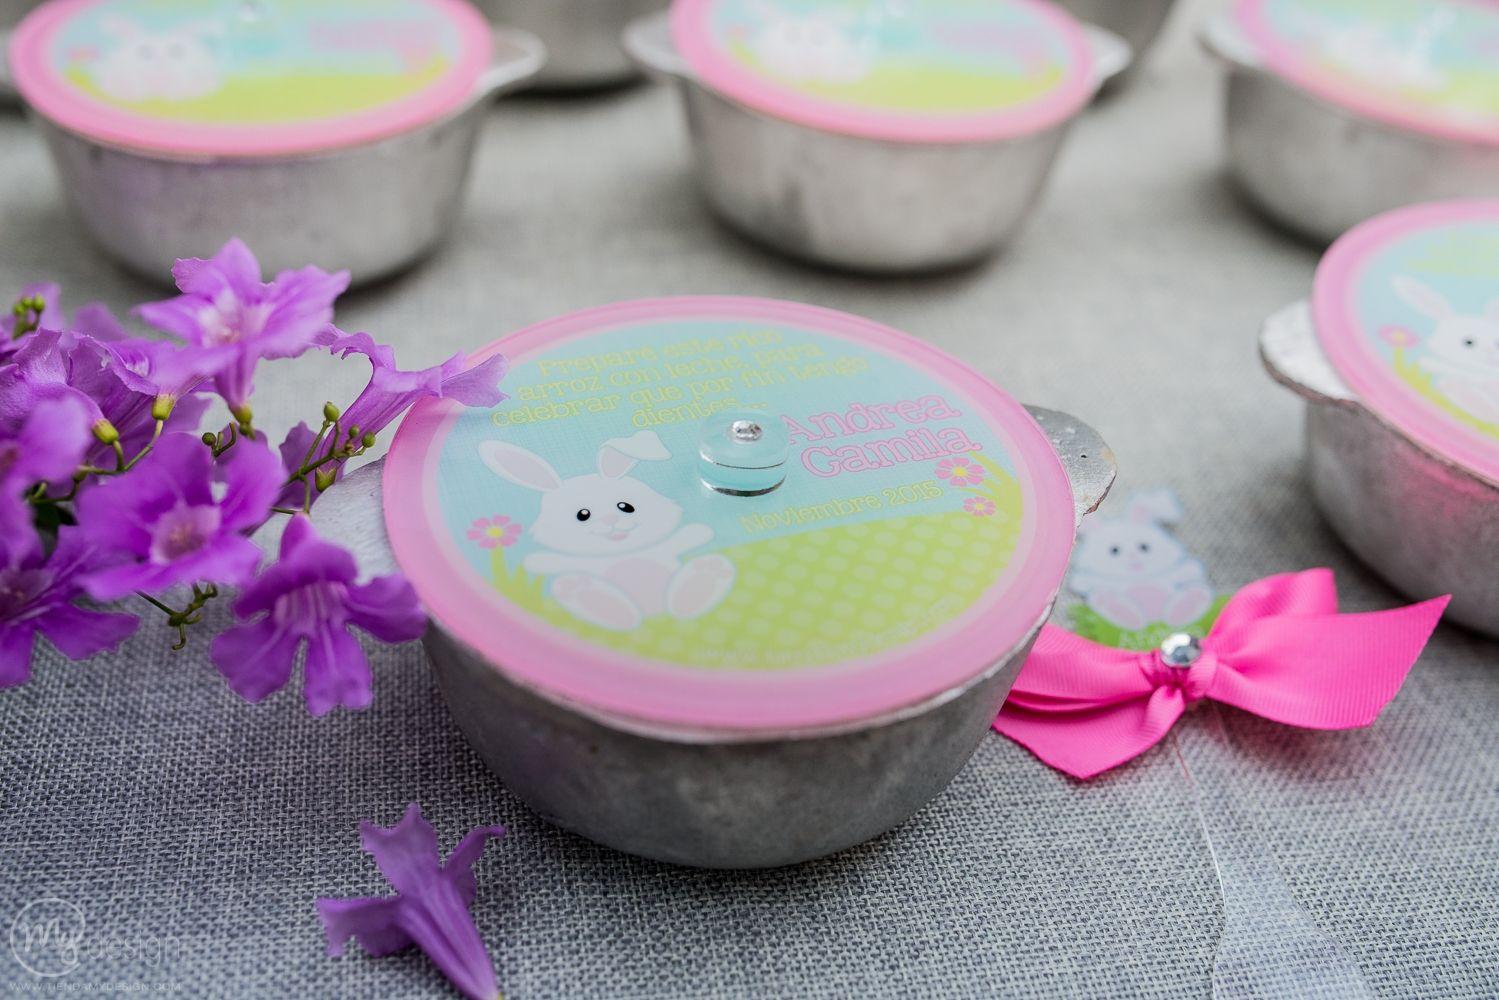 Calderito de arroz con leche para celebrar el Primer Diente -  http://tiendamydesign.com/panama/calderito-arroz-leche-celebrar-primer-diente